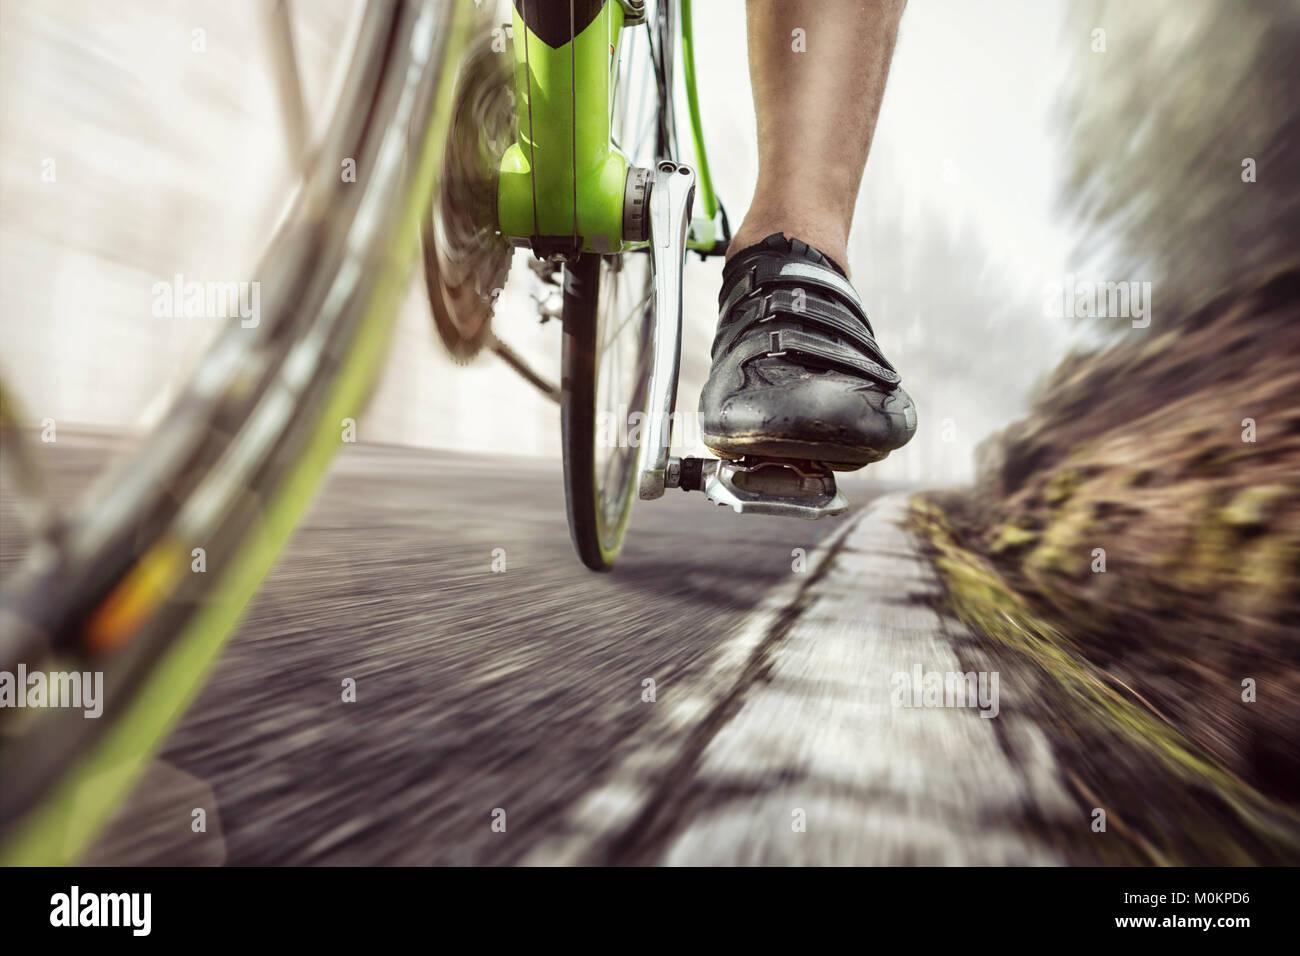 De pédale d'un vélo de course Photo Stock